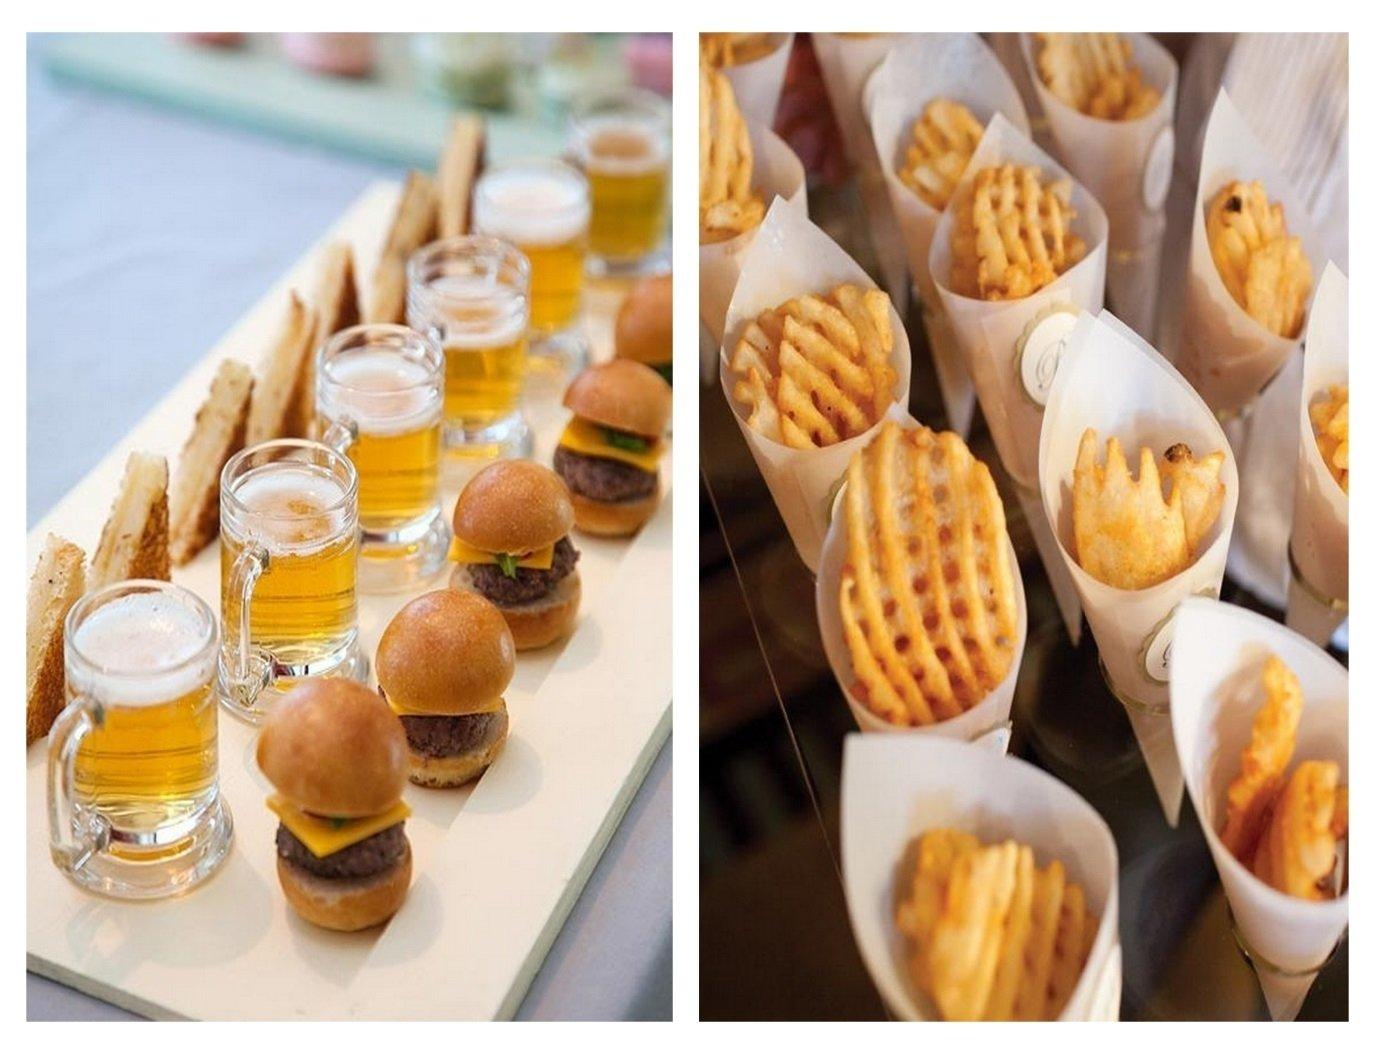 10 Nice Food Ideas For A Wedding different wedding food ideas wedding ideas 2021